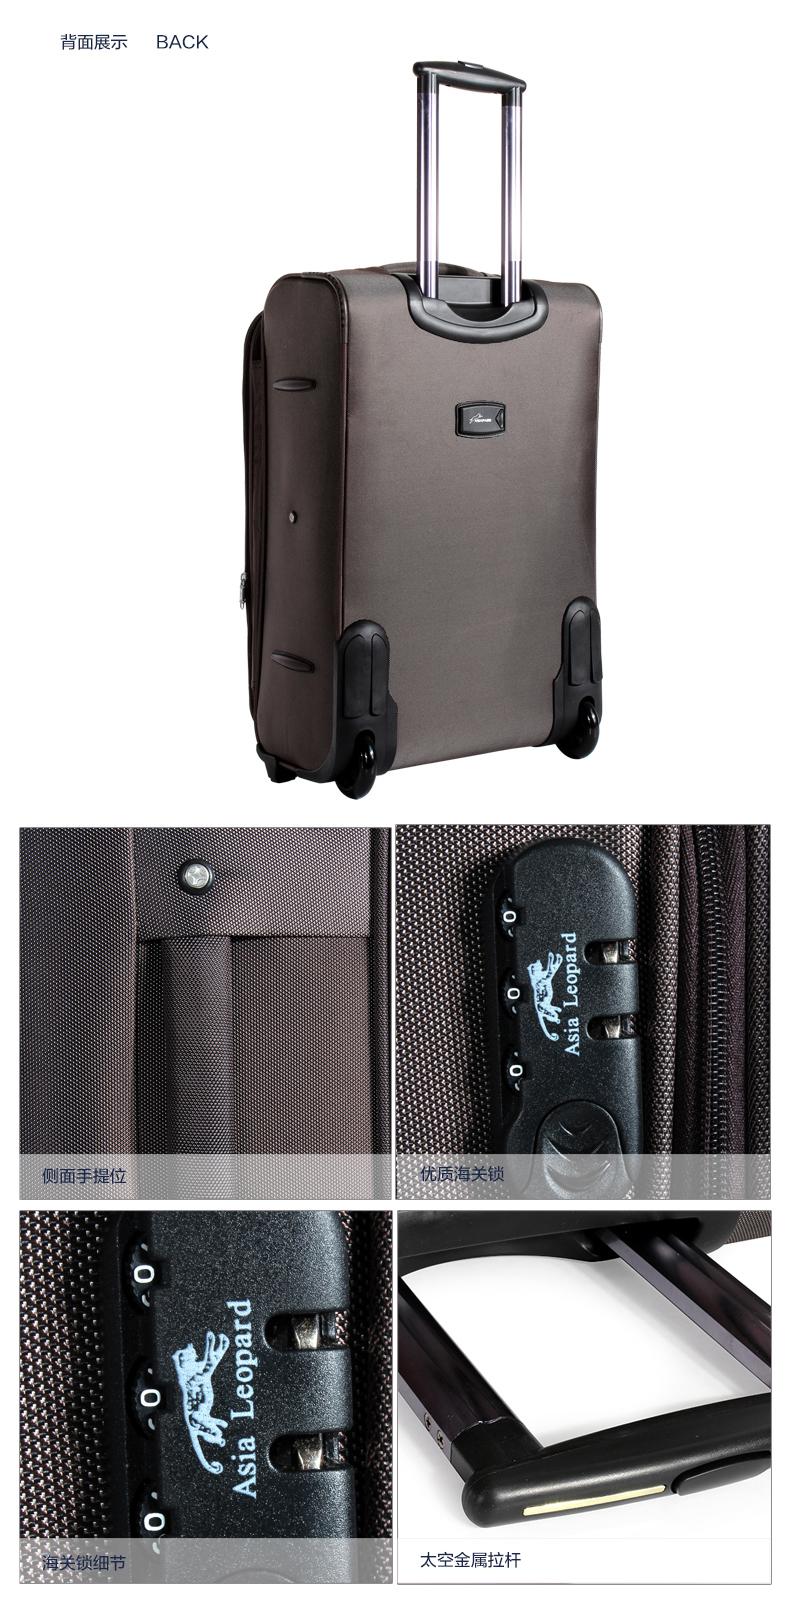 亚洲豹拉杆箱旅行箱20寸行李箱女士红色登机箱包